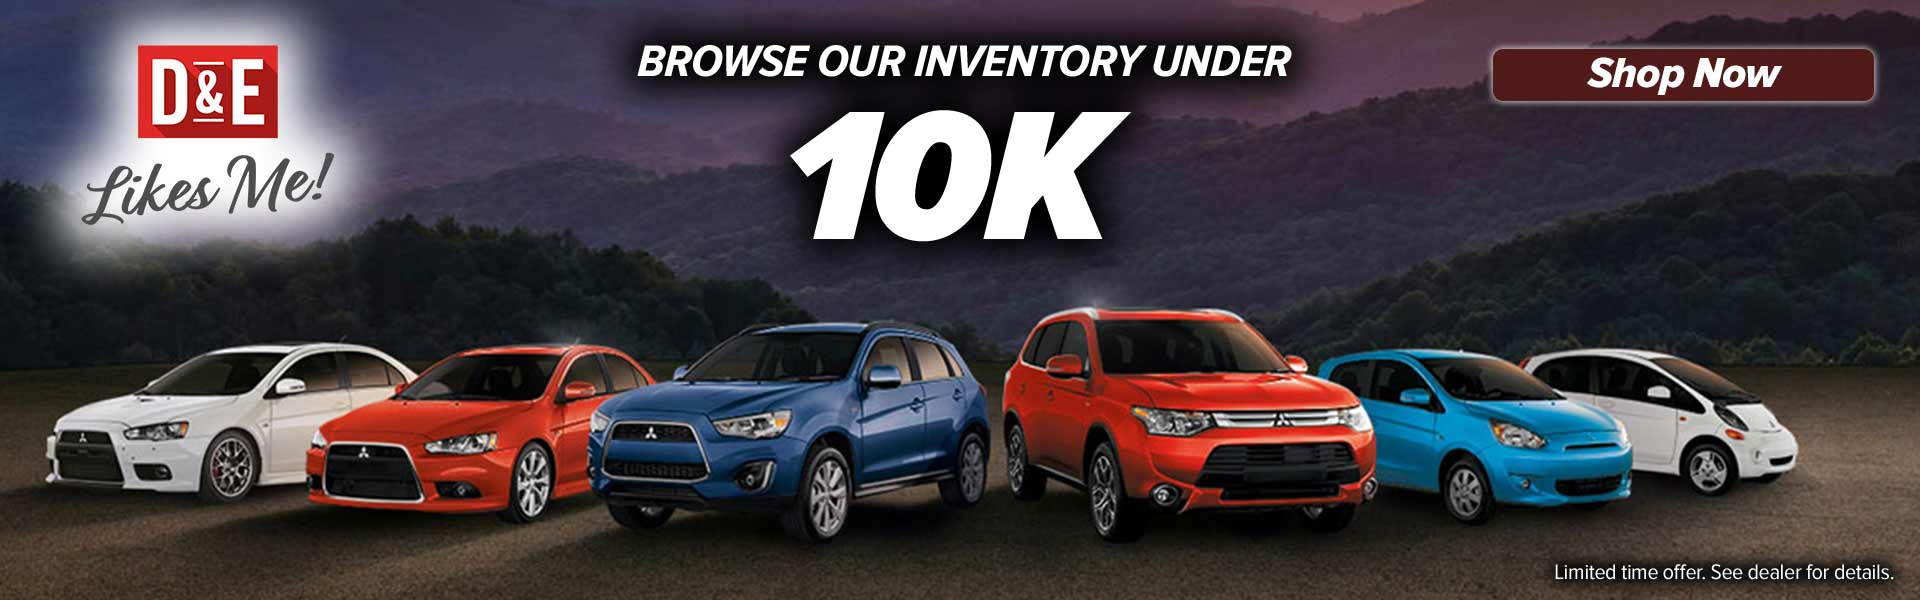 Inventory under 10K